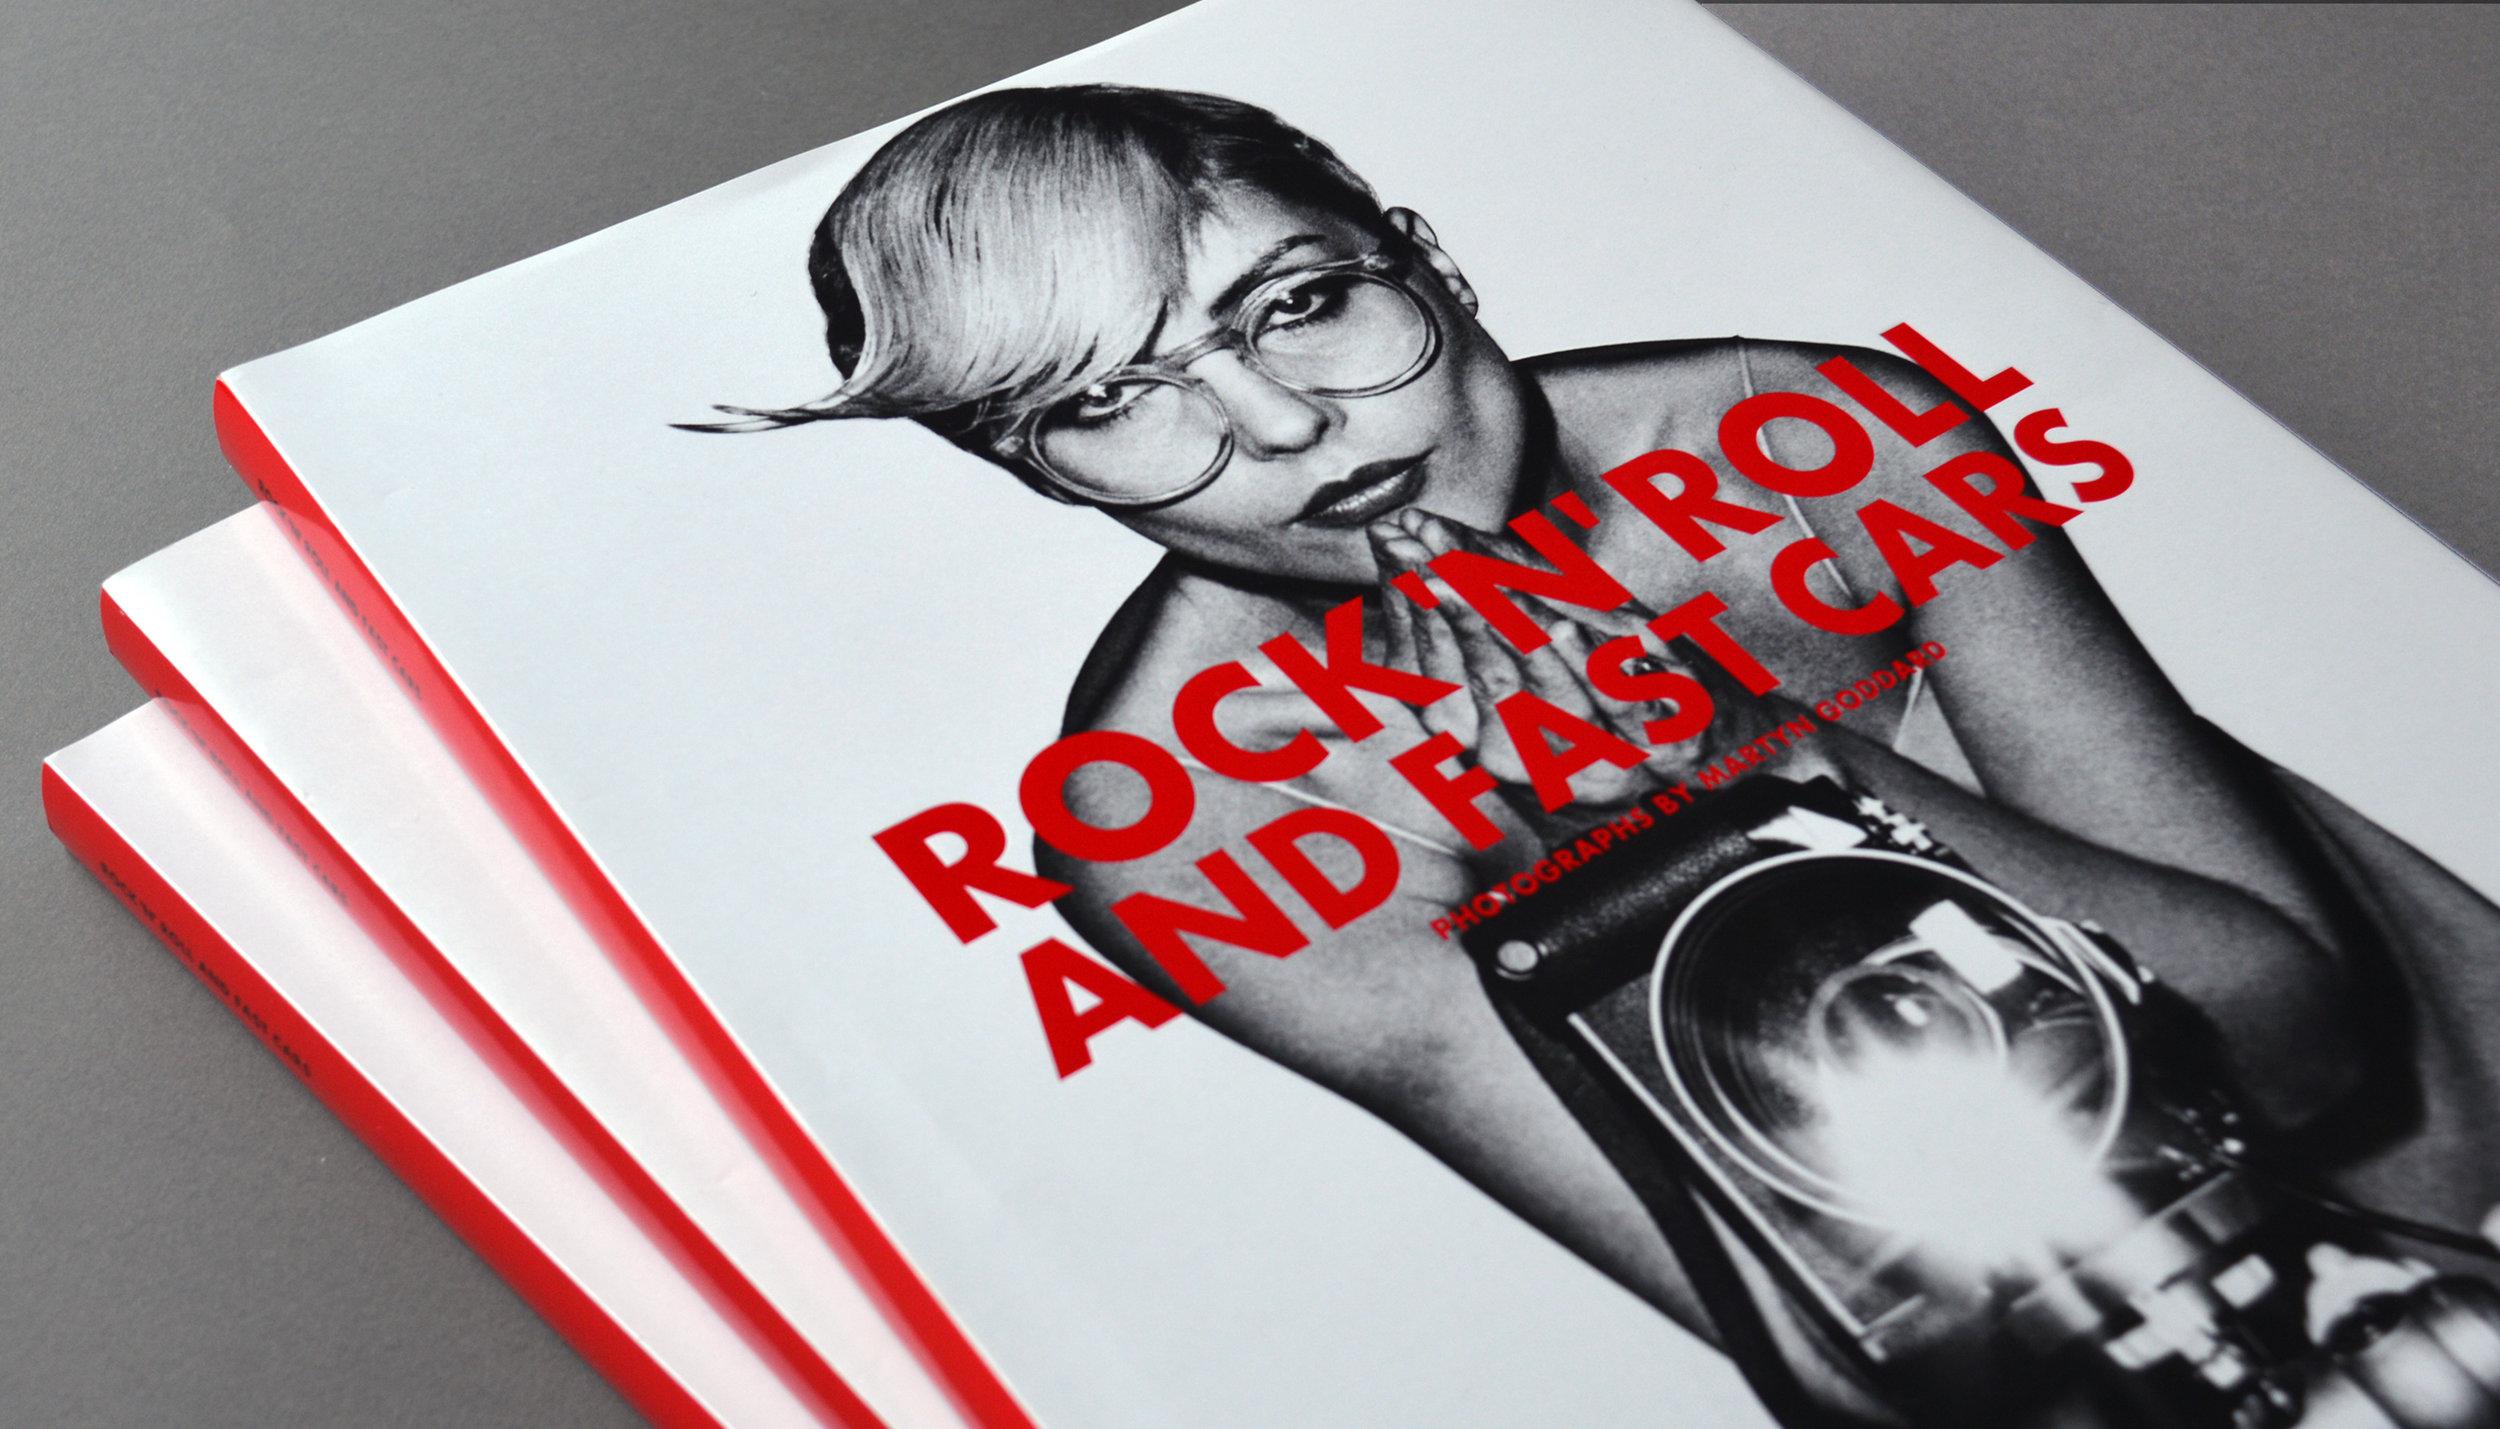 RocknRoll+FastCars_150dpi_12.jpg